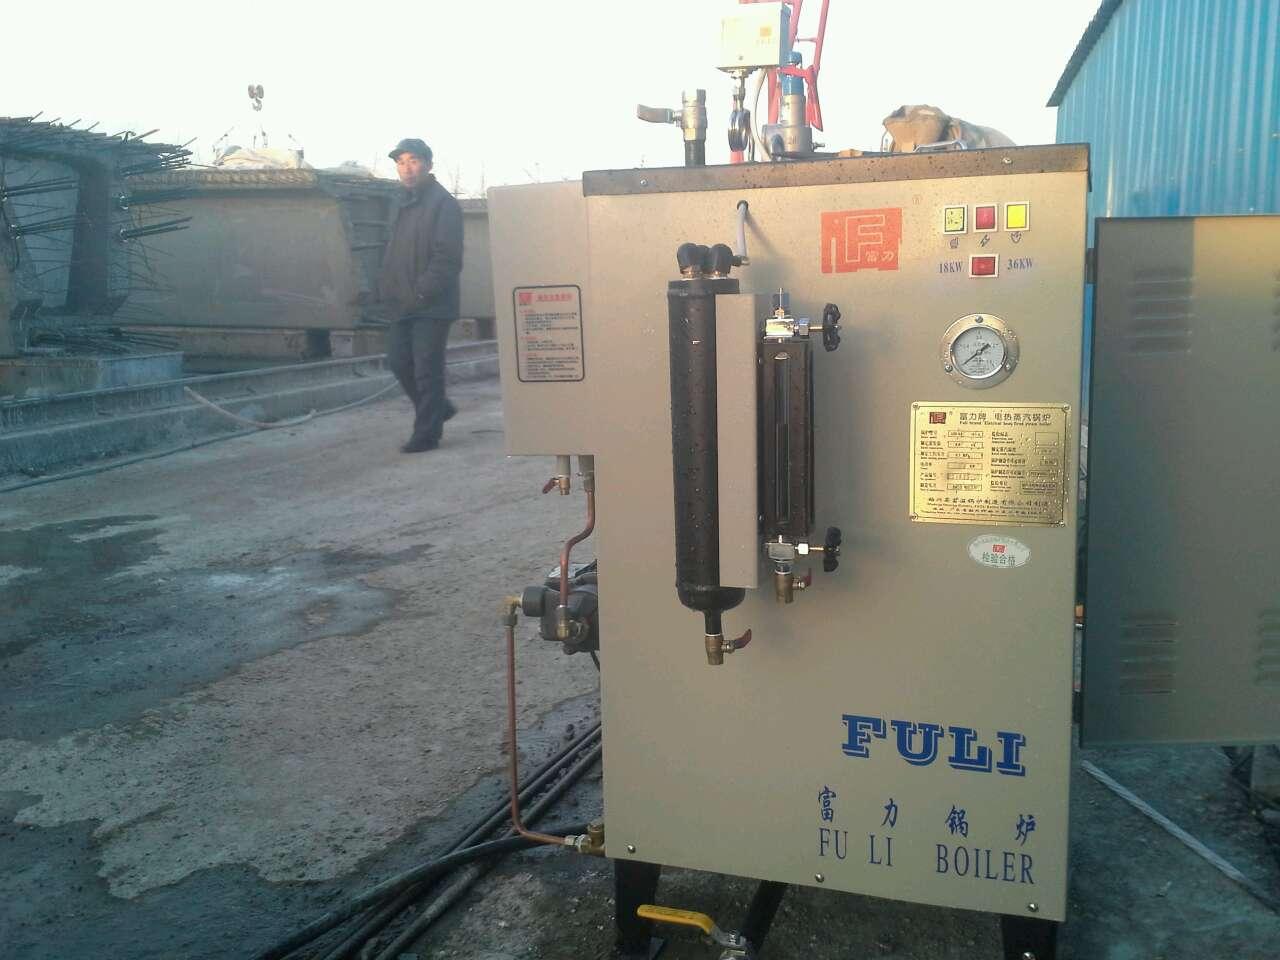 全自动蒸汽发生器 免检发生器 食品行业专用设备